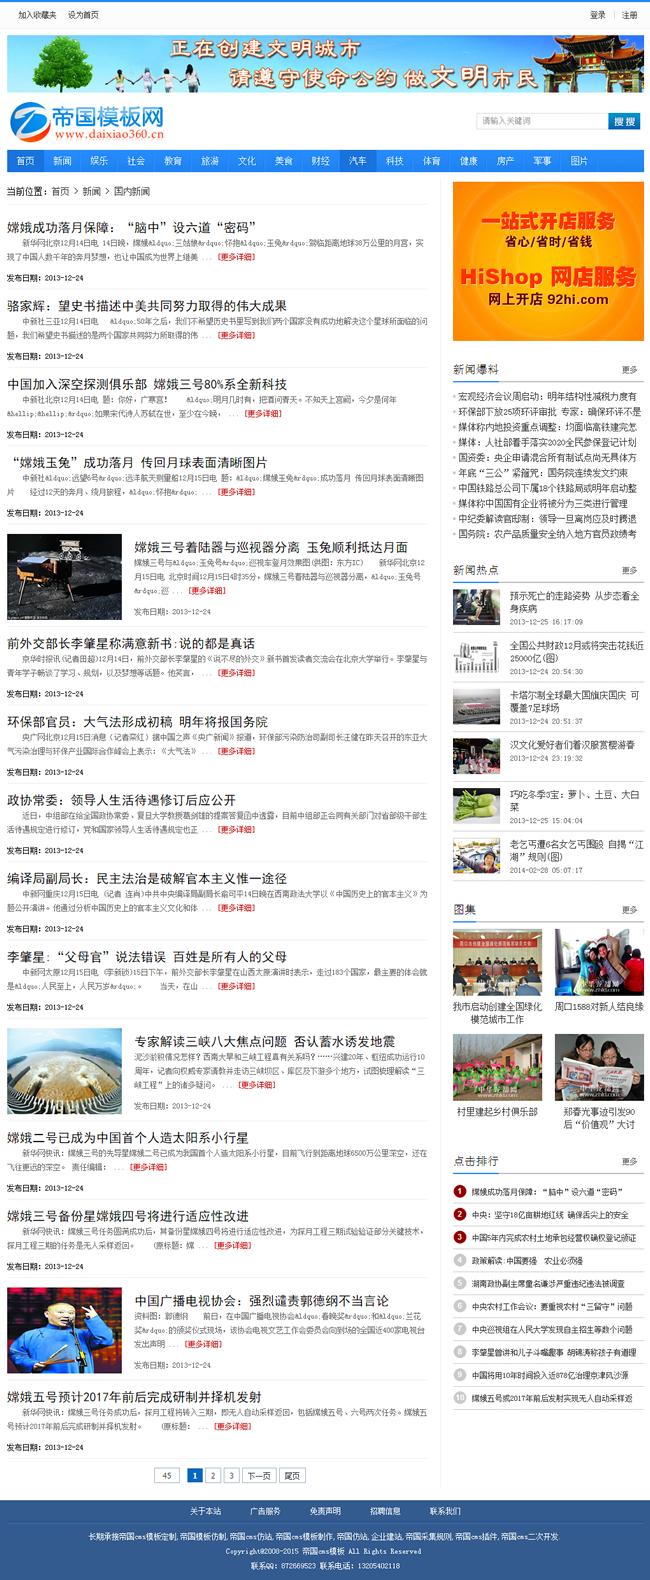 帝国cms新闻资讯门户网站模板_新闻列表